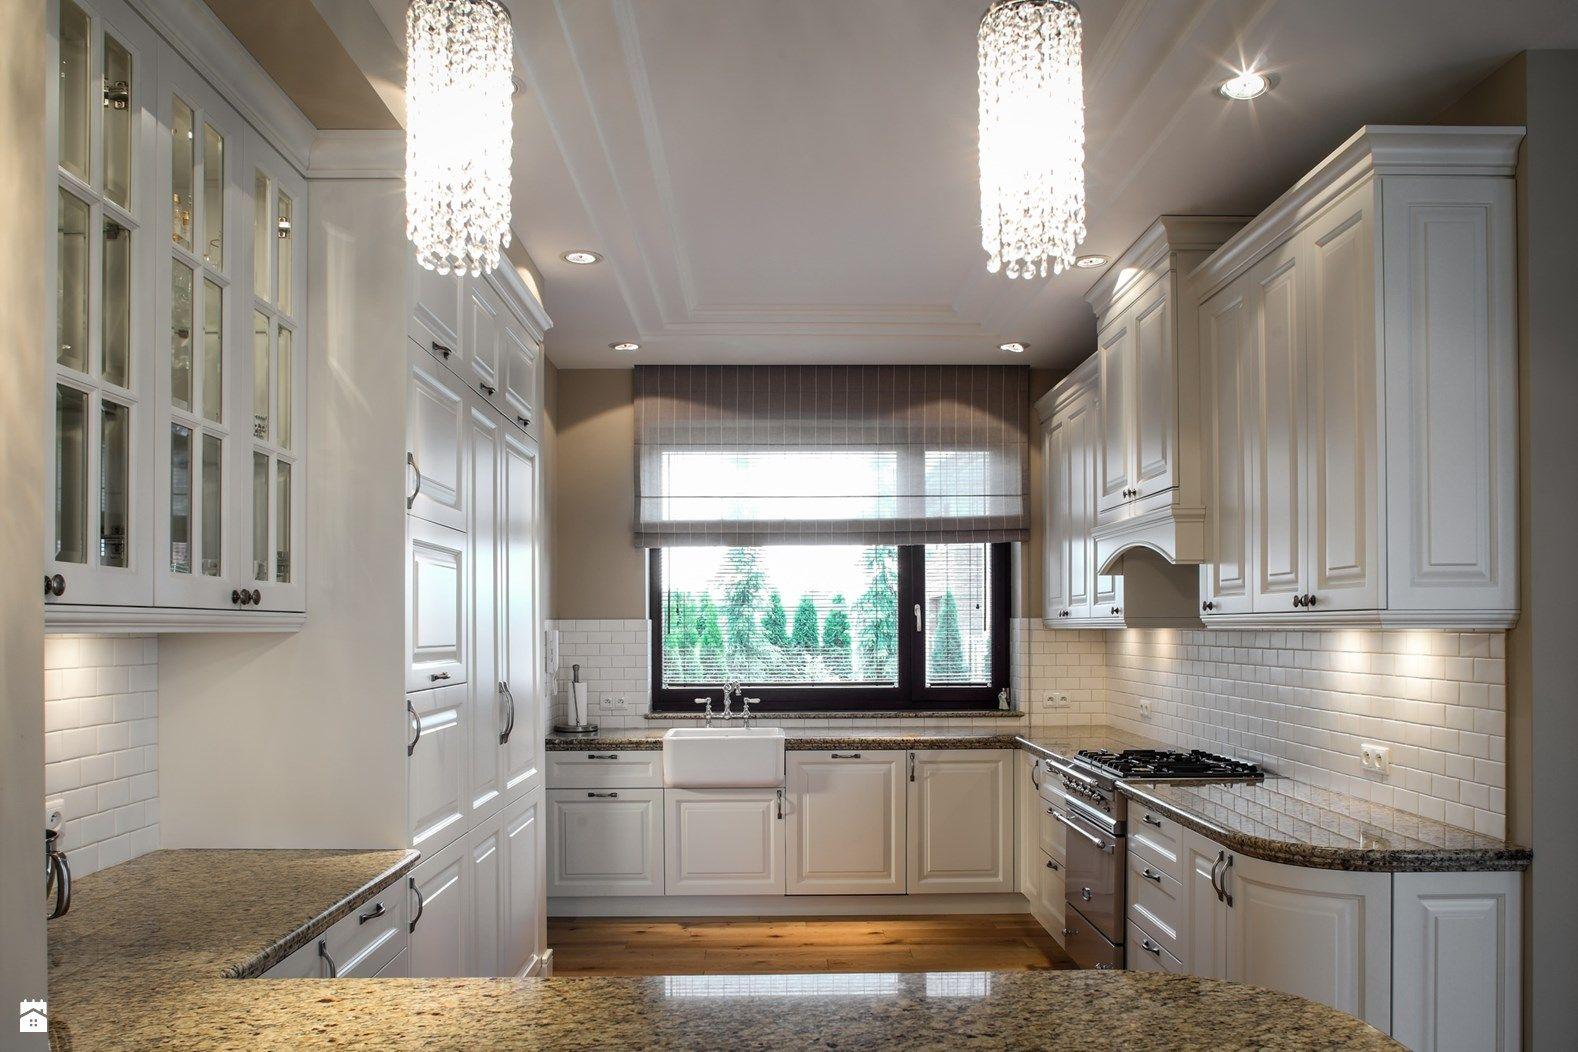 Otwarta kuchnia w bieli hola design homesquare - Kuchnia Styl Klasyczny Zdj Cie Od Rs Studio Projektowe Kuchnia Styl Klasyczny Rs